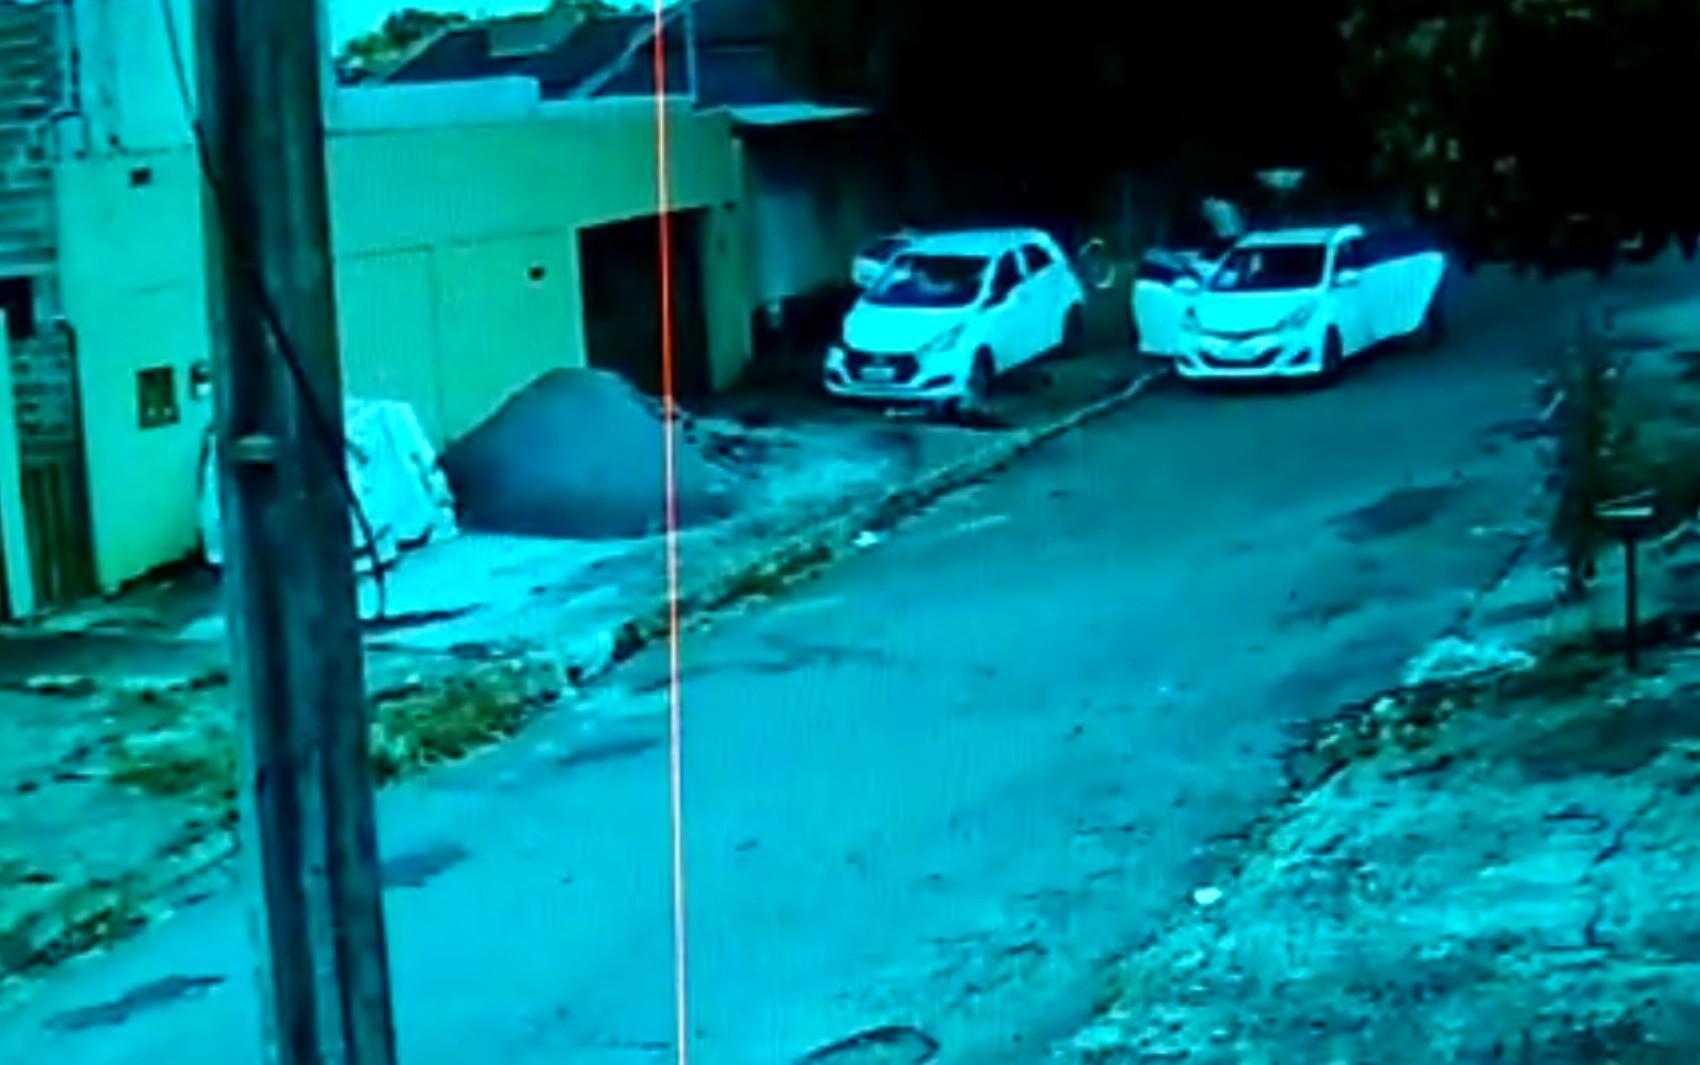 Adolescente e amigo são atropelados em calçada por supostos torcedores de time rival ao dele em Goiânia; vídeo